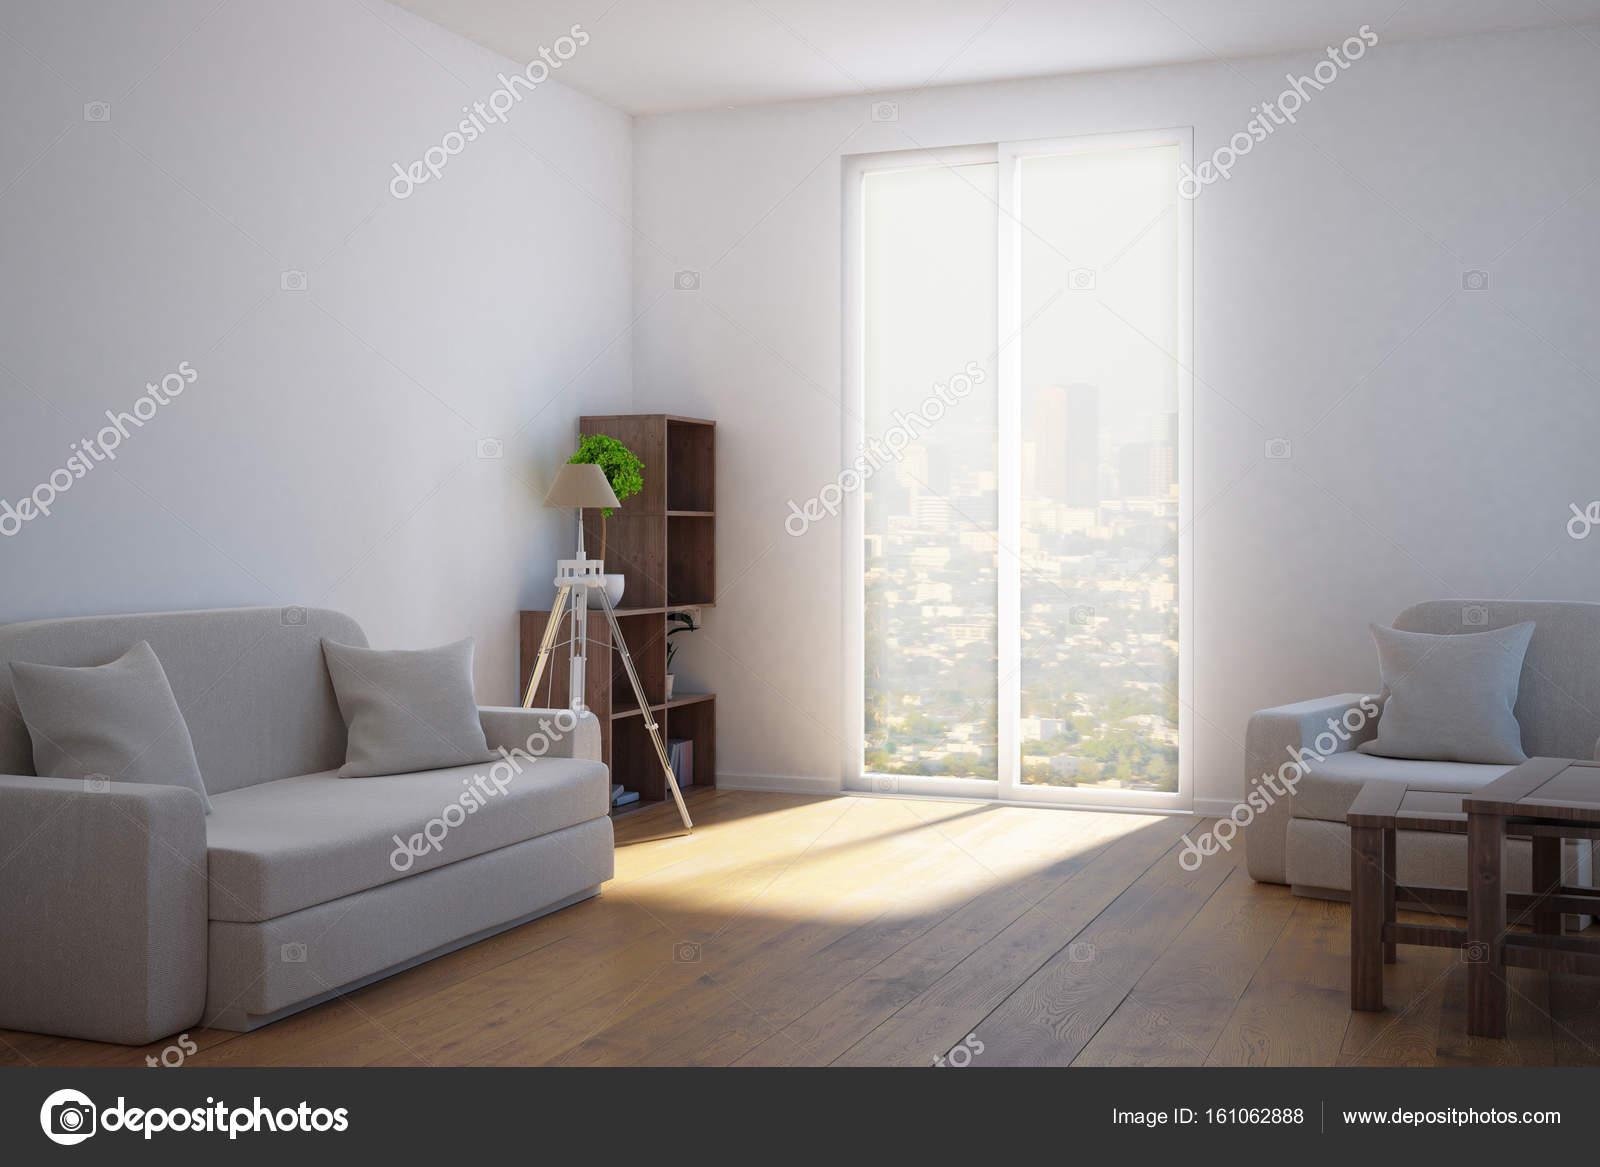 lichte woonkamer — Stockfoto © peshkova #161062888